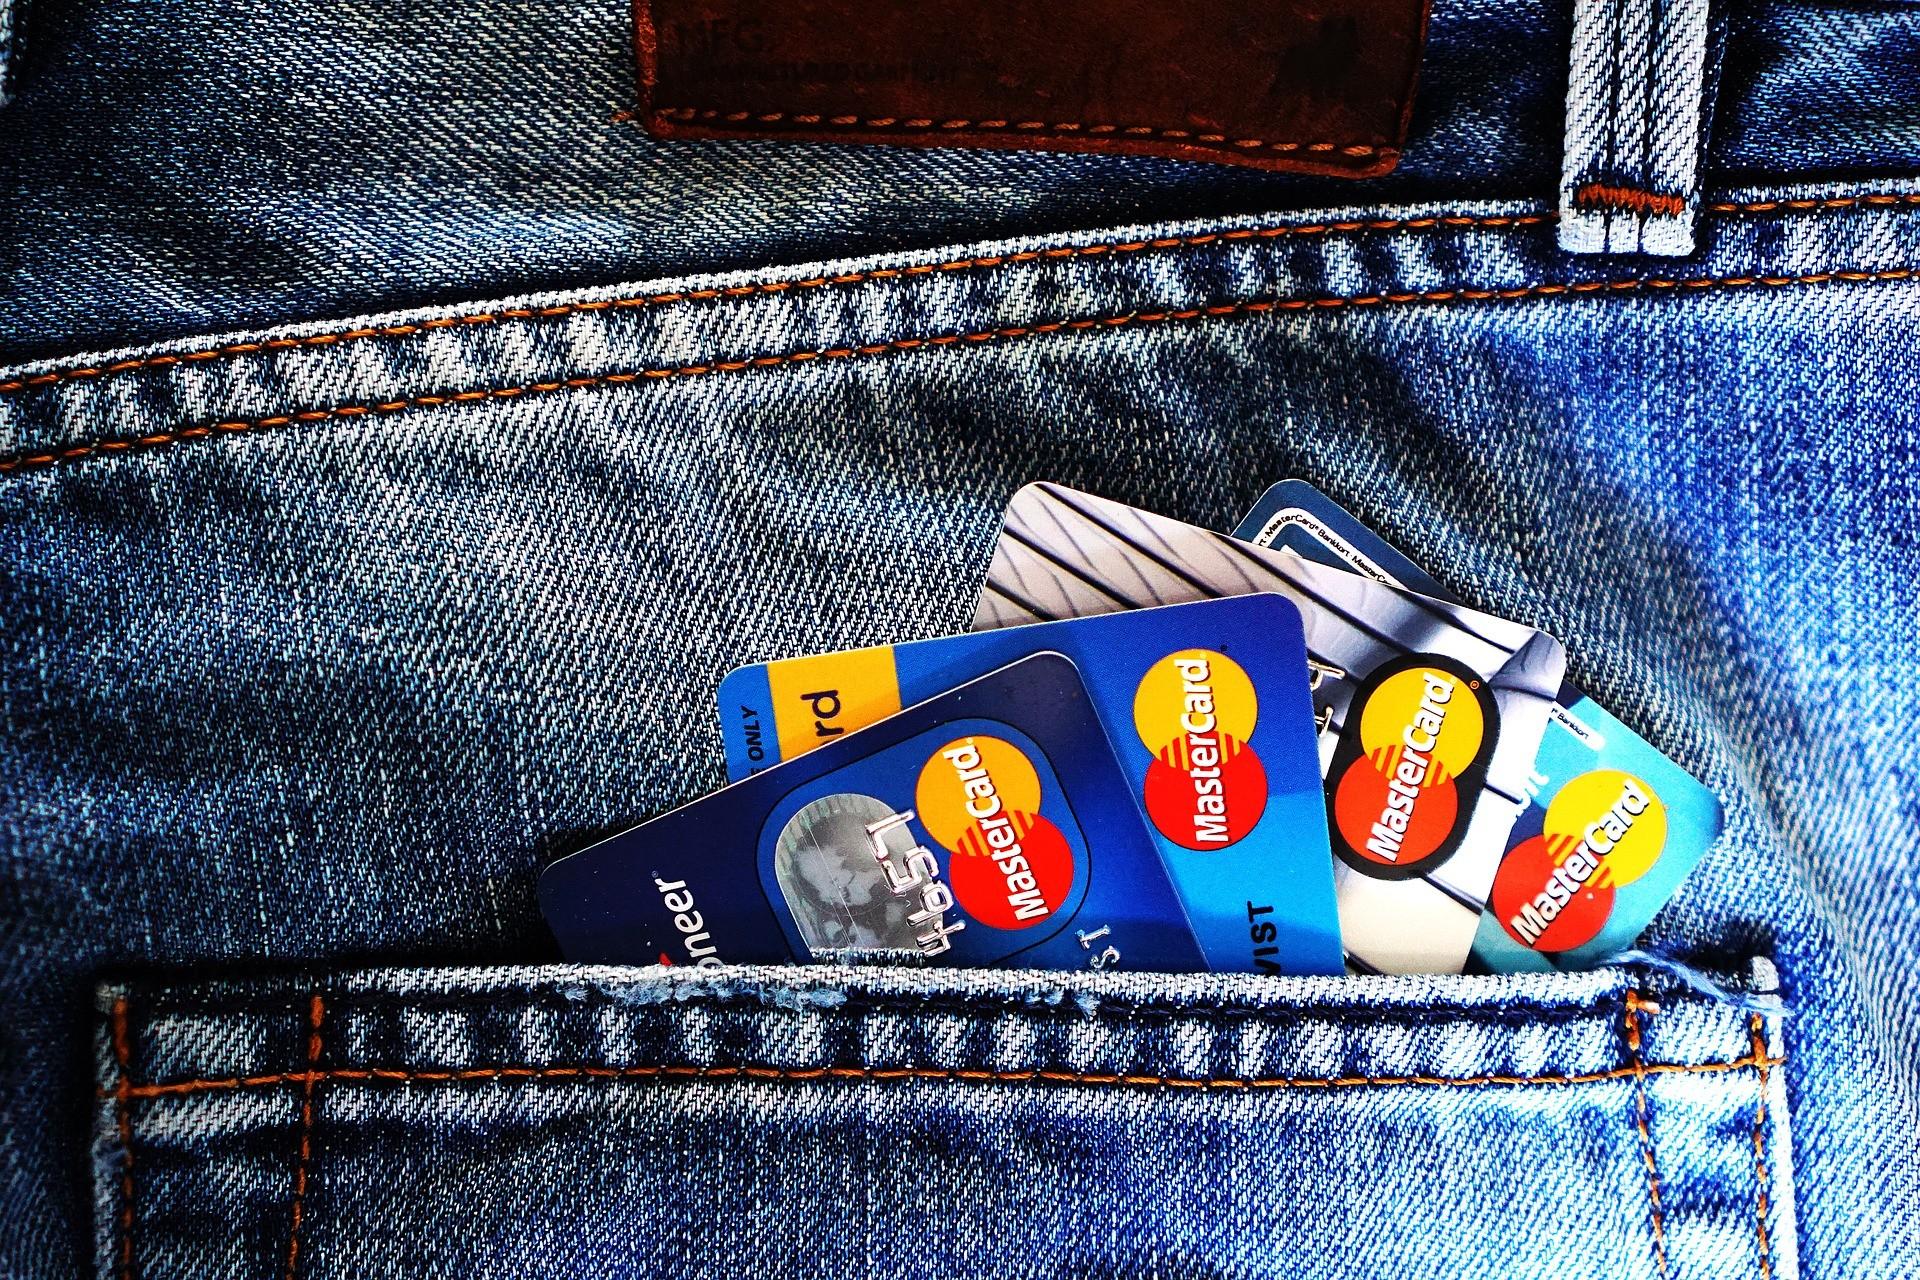 فتح حساب بنكي في امريكا